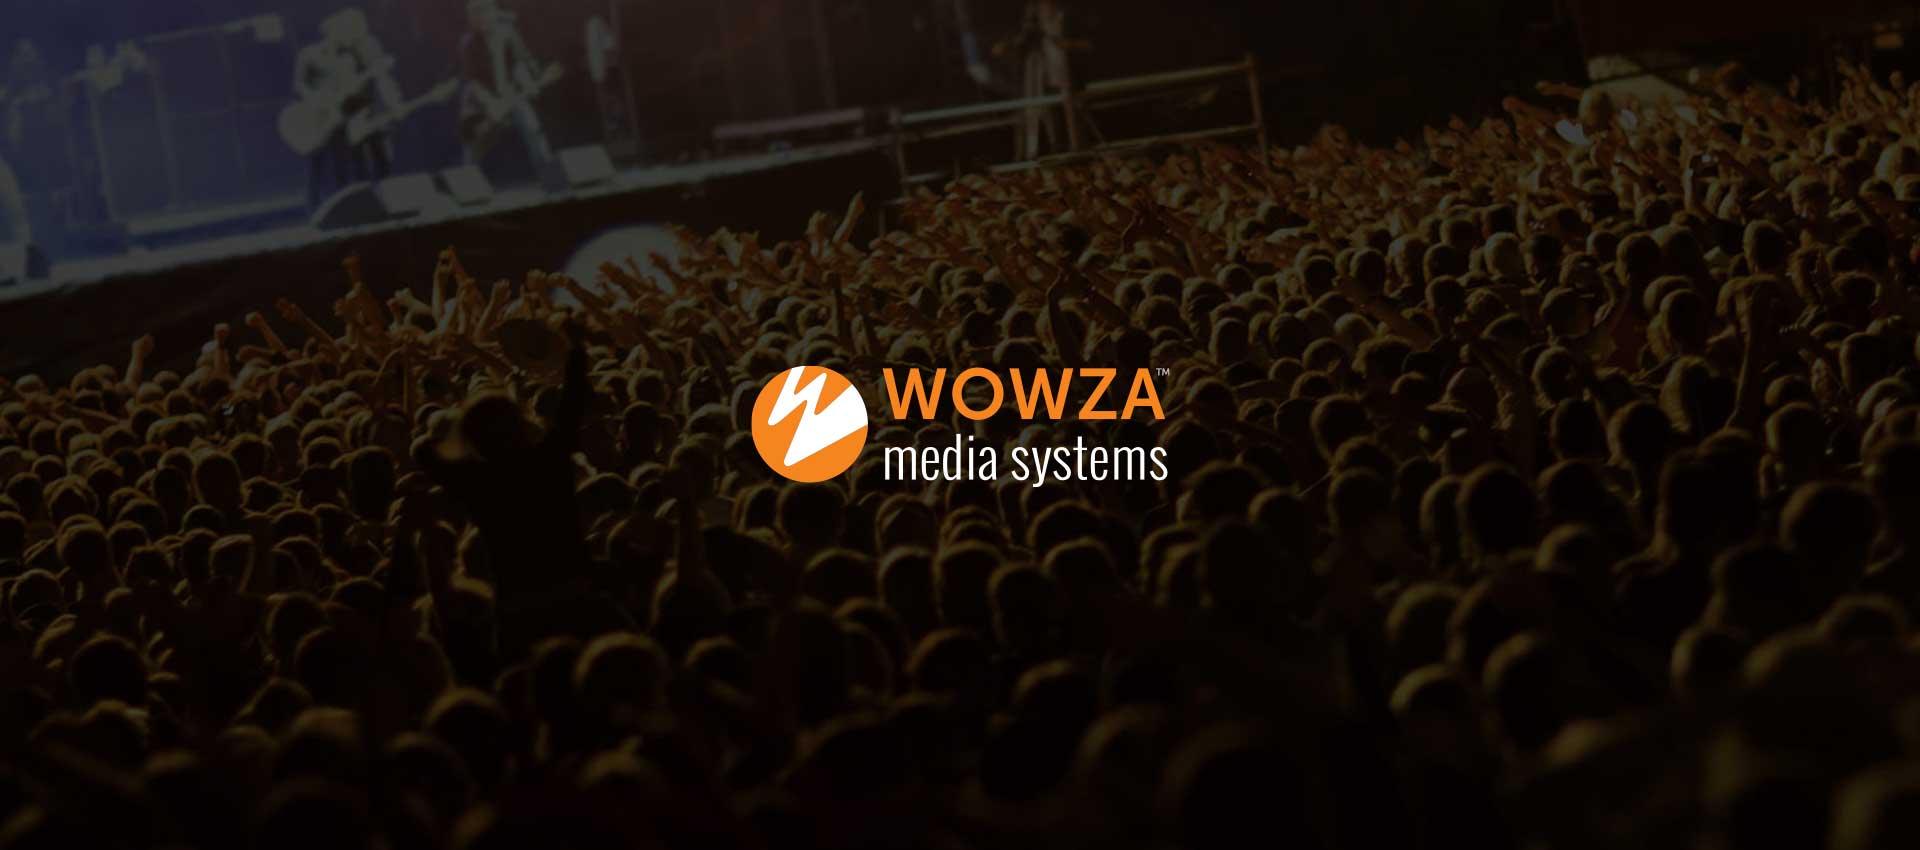 Thông tin tổng quan, khó khăn và kết quả đạt được của dự án Wowza Media System